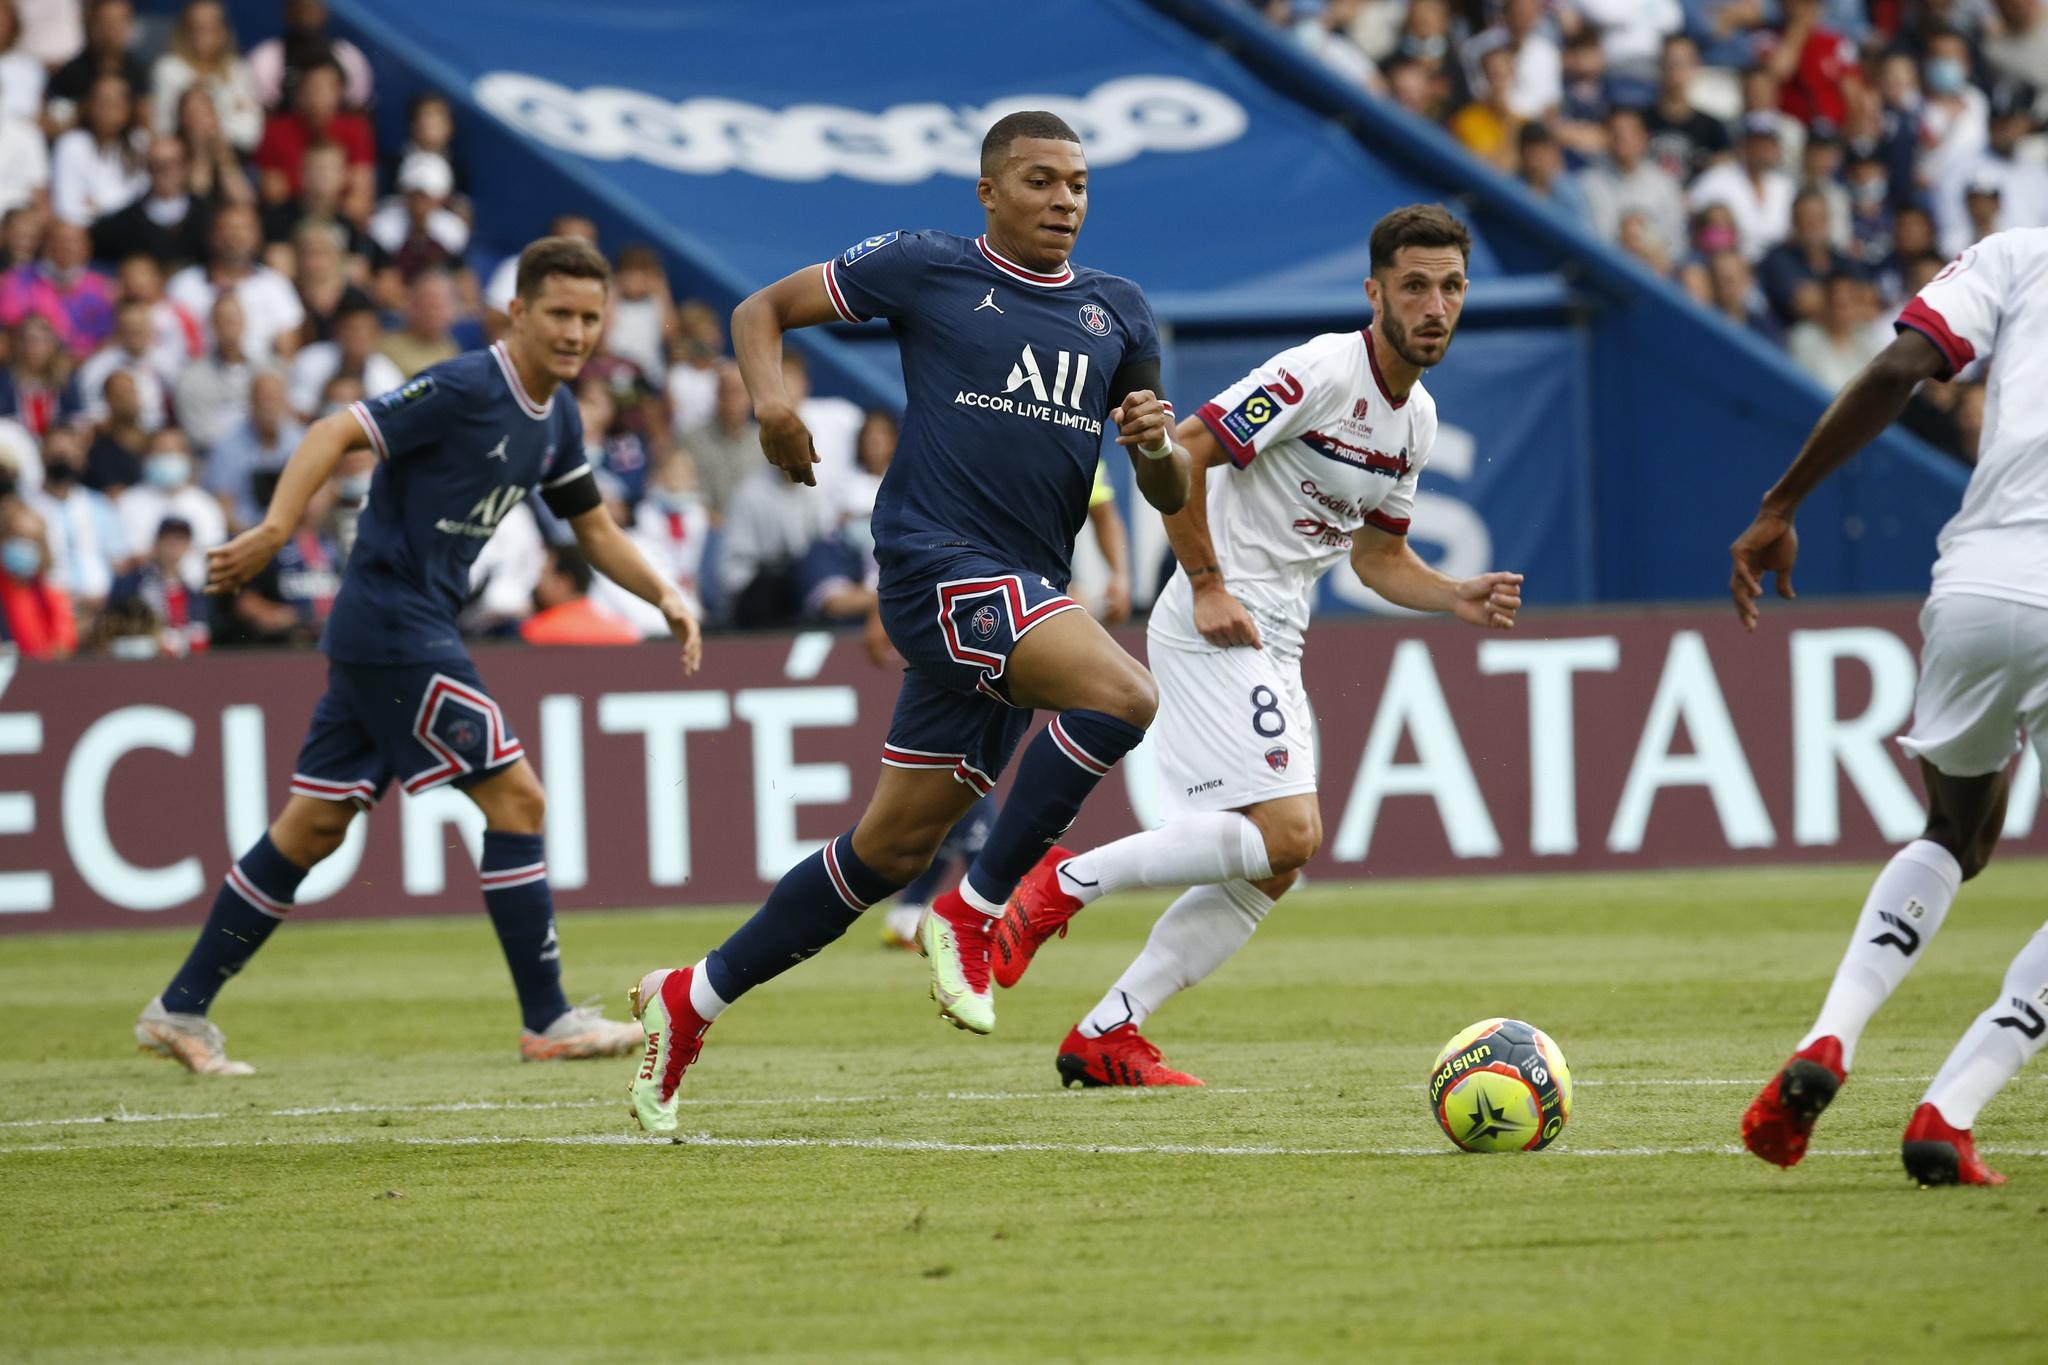 Cựu sao M.U tỏa sáng, PSG thắng 4-0 trong ngày vắng Messi - Bóng Đá